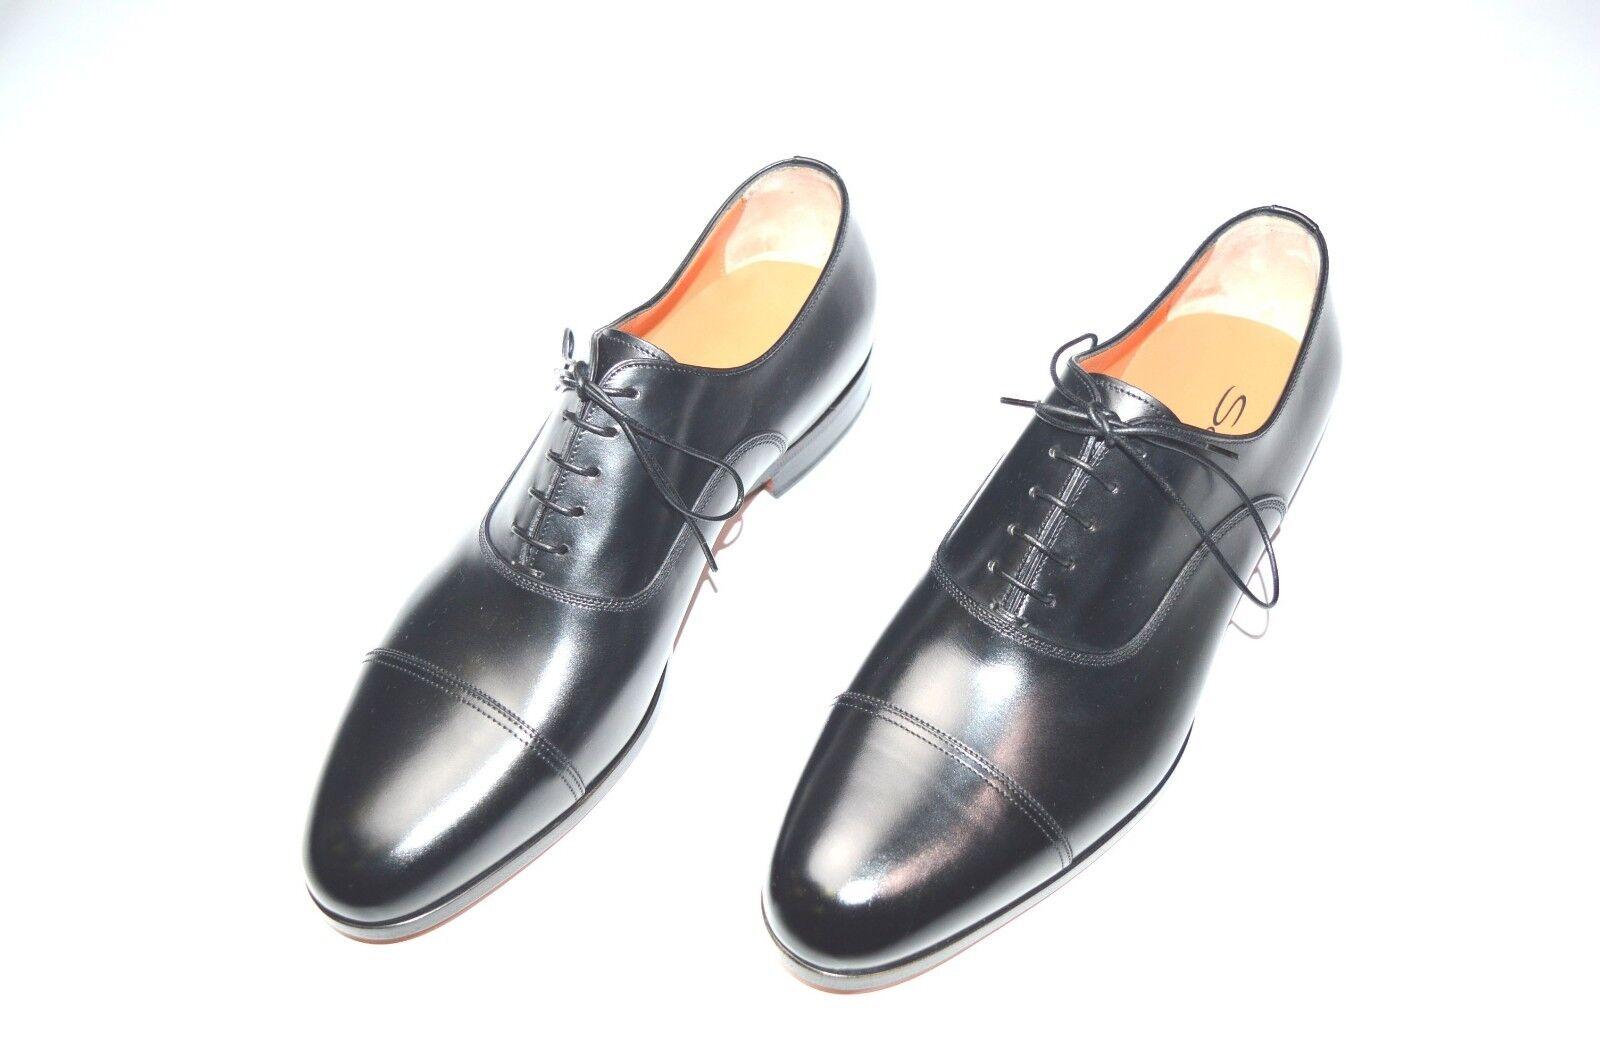 NEW SANTONI Dress Black Leather shoes  SIZE Eu 46 Uk 12 Us 13 (29R)